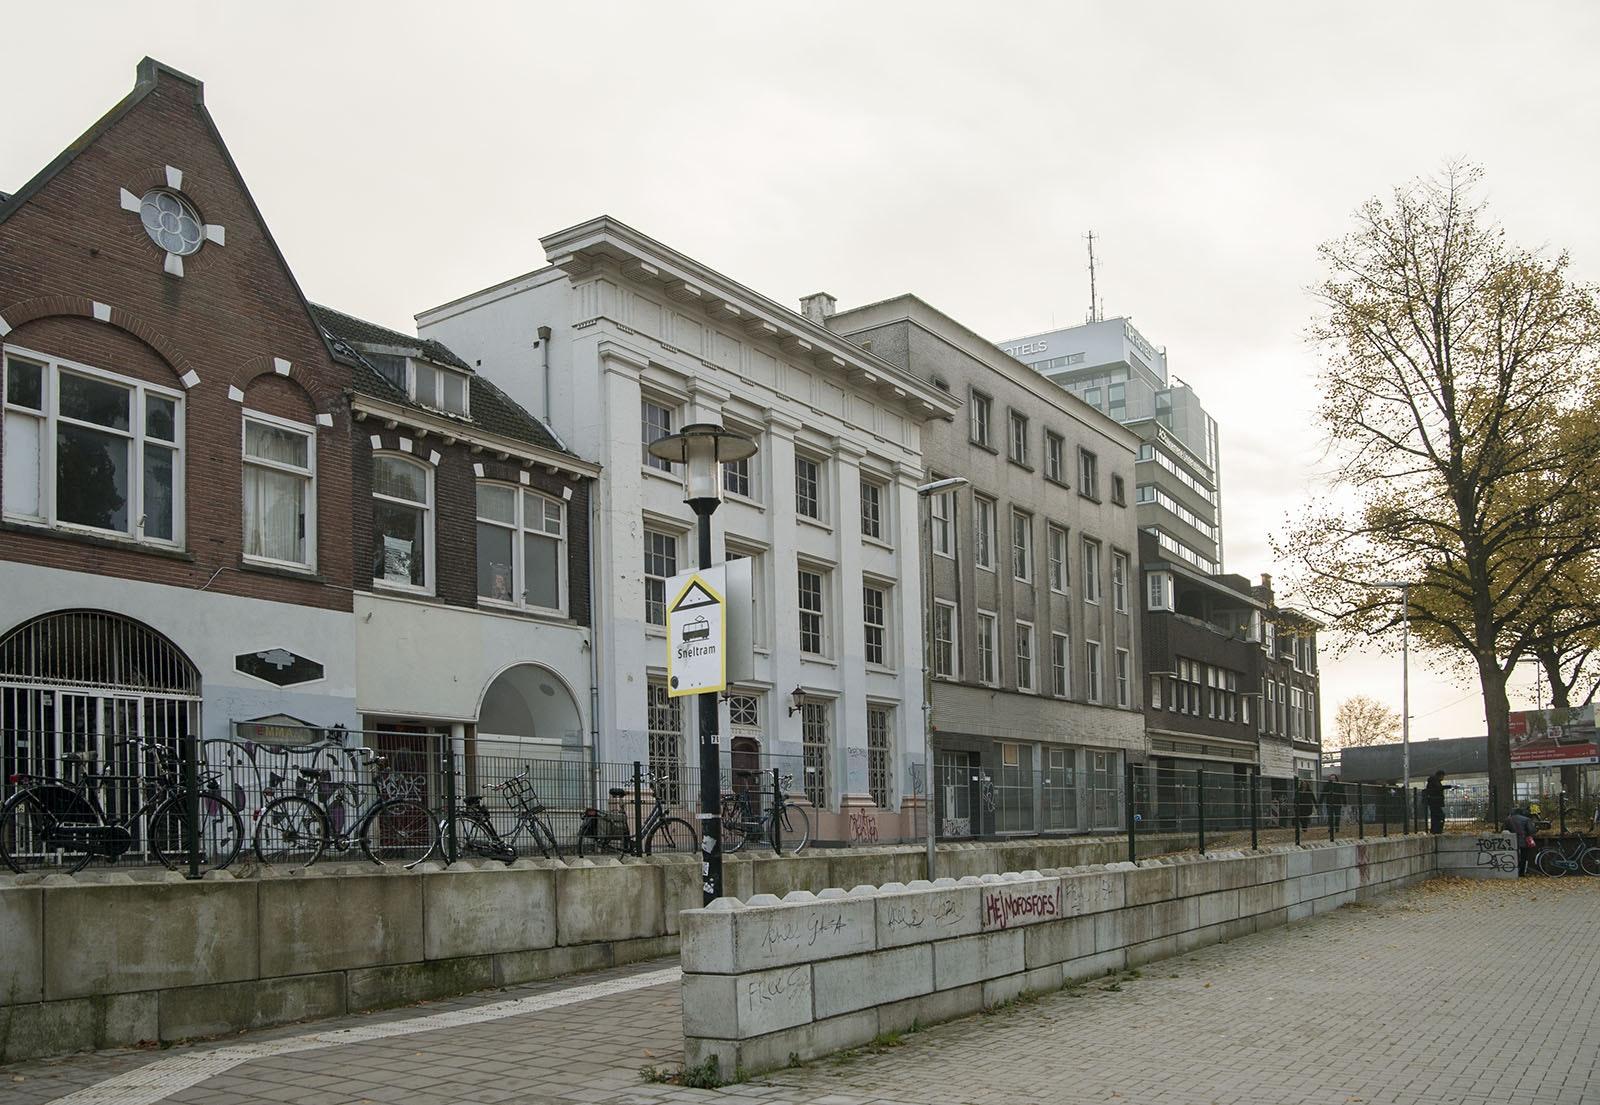 De Van Sijpesteijnkade. Het rijksmonument (witte gebouw) zal blijven staan. Foto: Nienke Kamphuis / DUIC